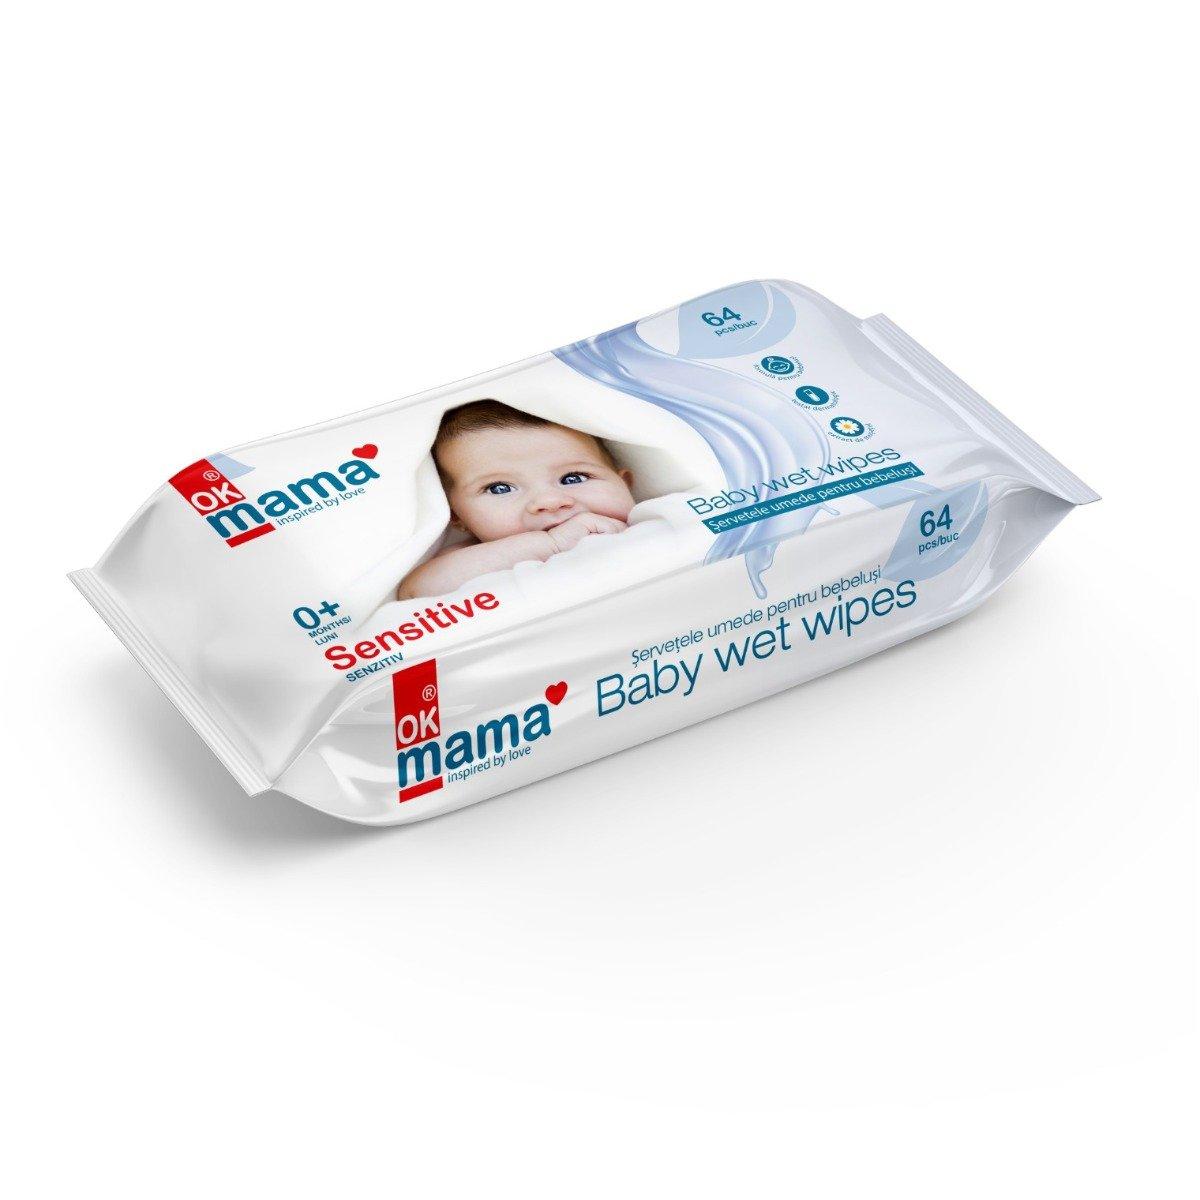 Servetele umede pentru bebelusi Ok Mama, 64 buc imagine